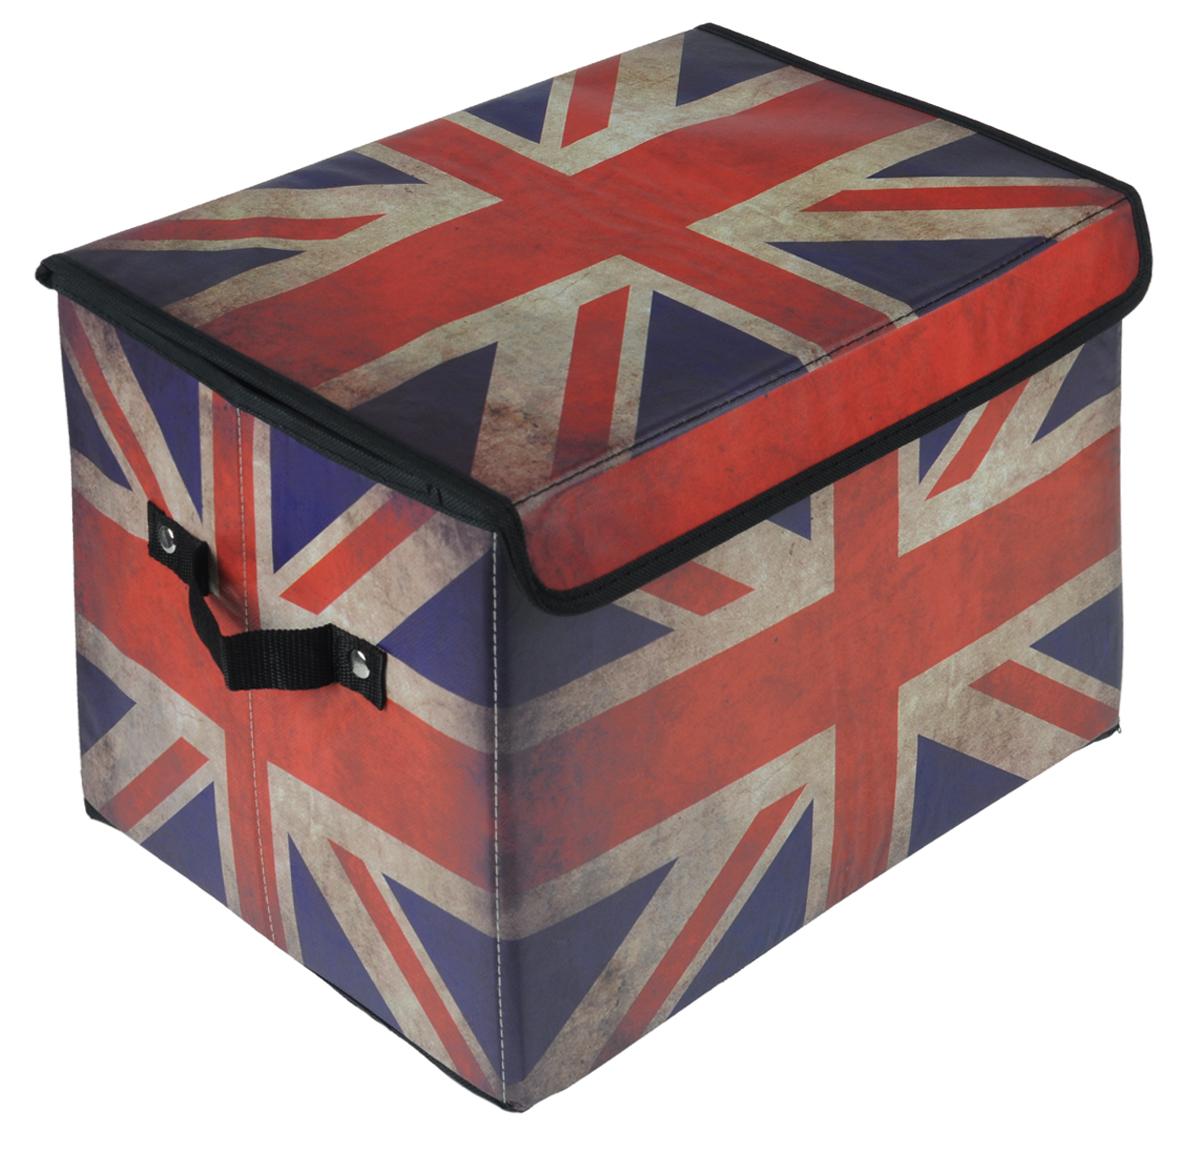 Кофр для хранения El Casa Британский флаг, складной, 39 см х 26 см х 26 см171143Складной кофр El Casa Британский флаг, выполненный из МДФ и экокожи, понравится всем ценителям оригинальных вещей. Благодаря удобной конструкции складывается и раскладывается одним движением. В сложенном виде изделие занимает минимум места, его легко хранить и перевозить. В таком кофре можно хранить всевозможные предметы: книги, игрушки, рукоделие. Яркий дизайн привнесет в ваш интерьер неповторимый шарм. Размер кофра (в собранном виде): 39 см х 26 см х 26 см.